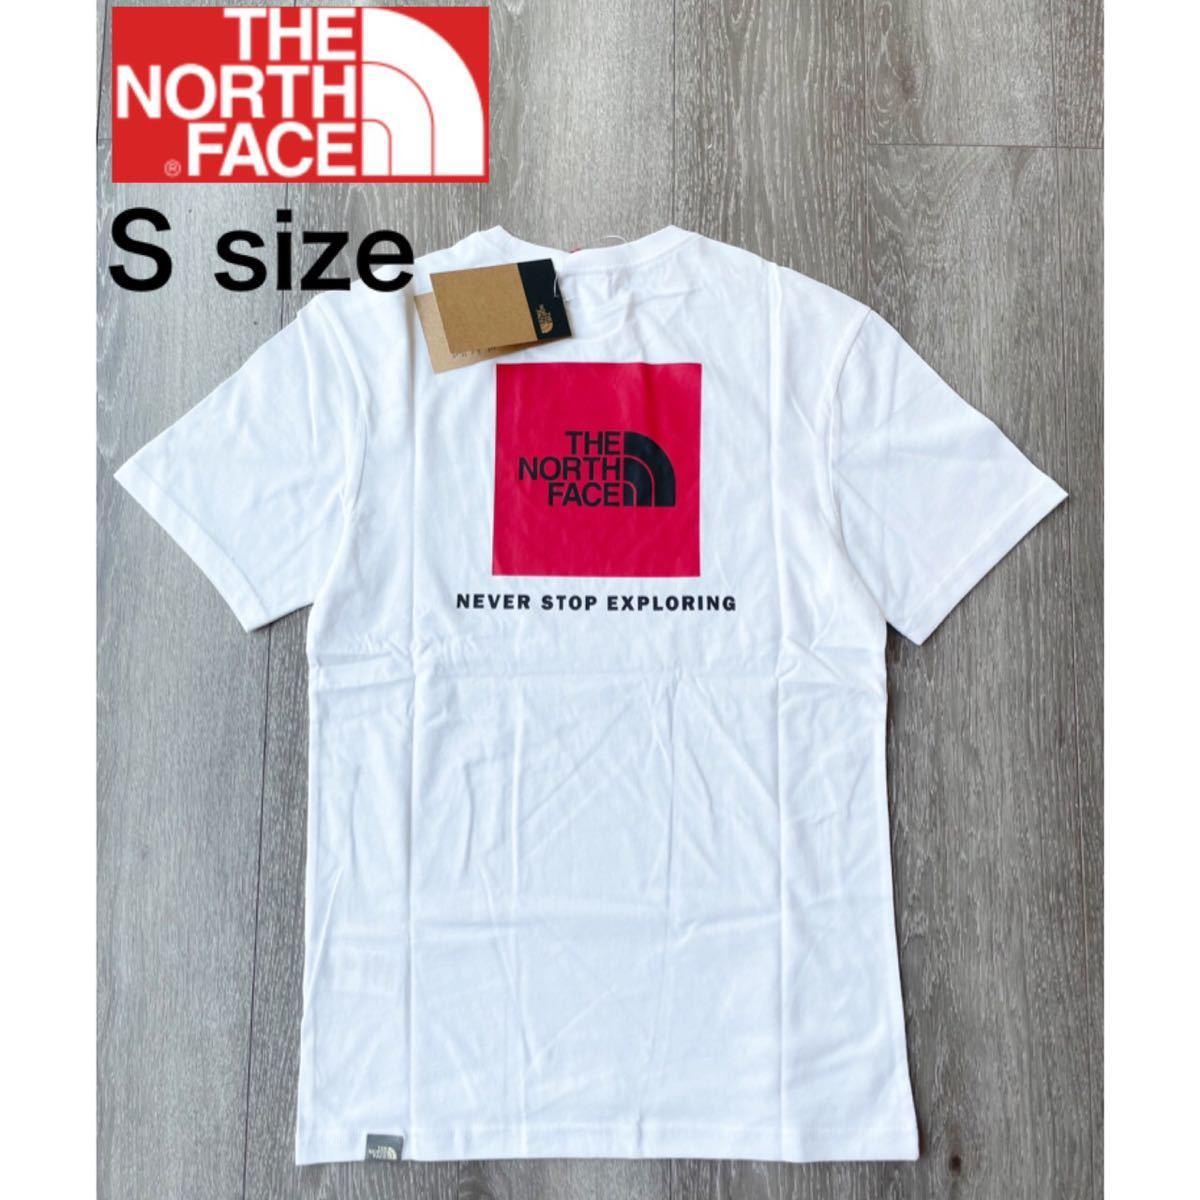 ザ ノースフェイス Tシャツ レッドボックス Tシャツ 半袖 ホワイト新品 S THE NORTH FACE UKモデル 正規品